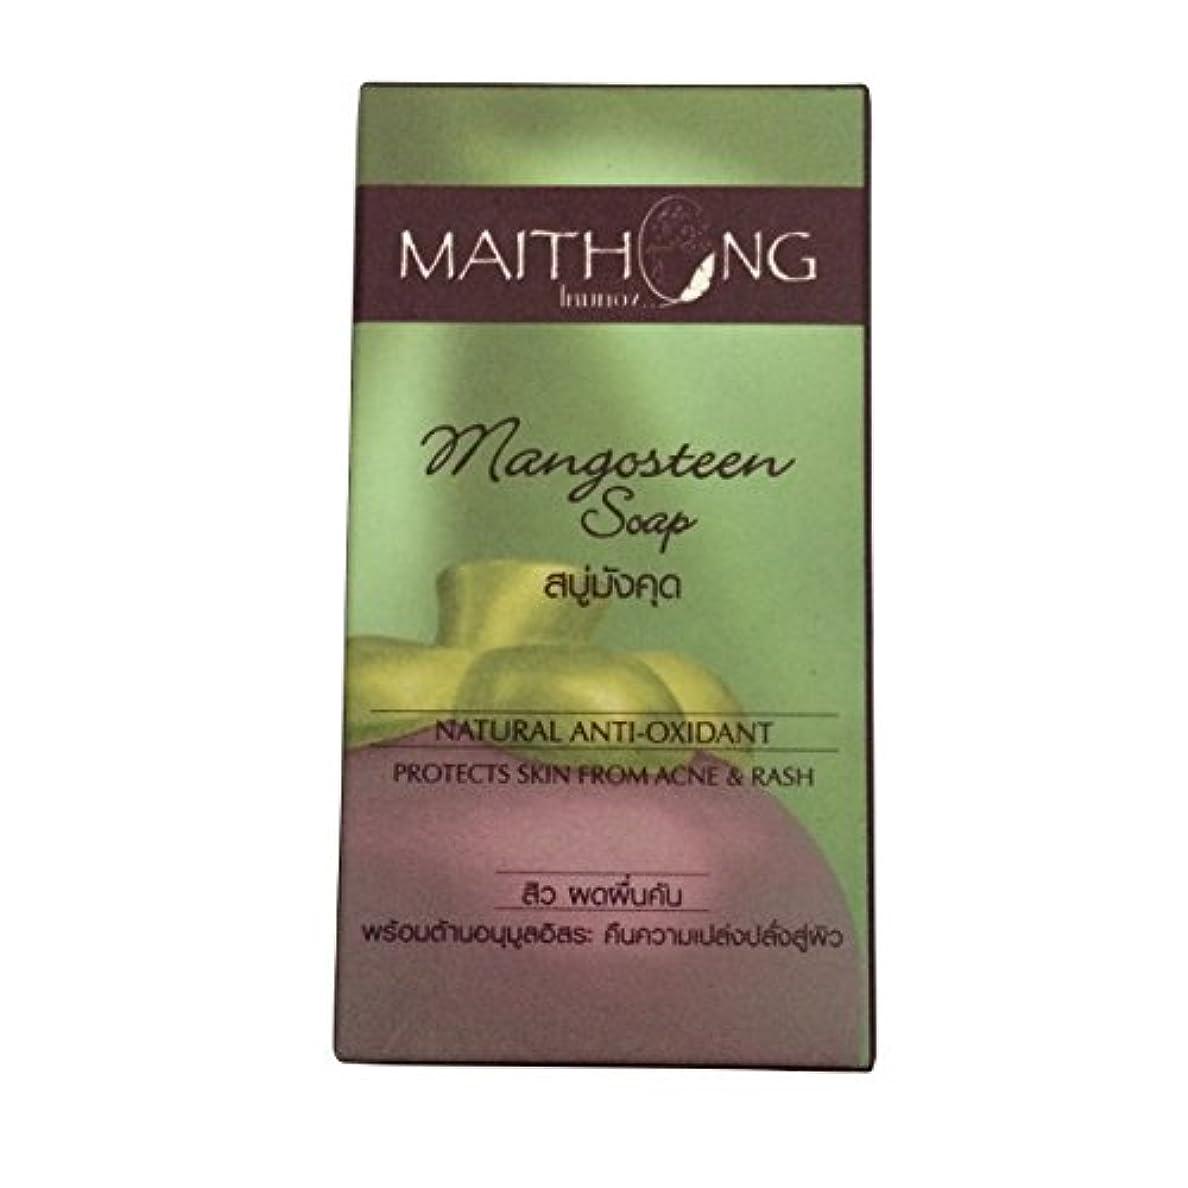 肘掛け椅子いつまっすぐ(マイトーン)MAITHONG マンゴスチン 石鹸 ソープ